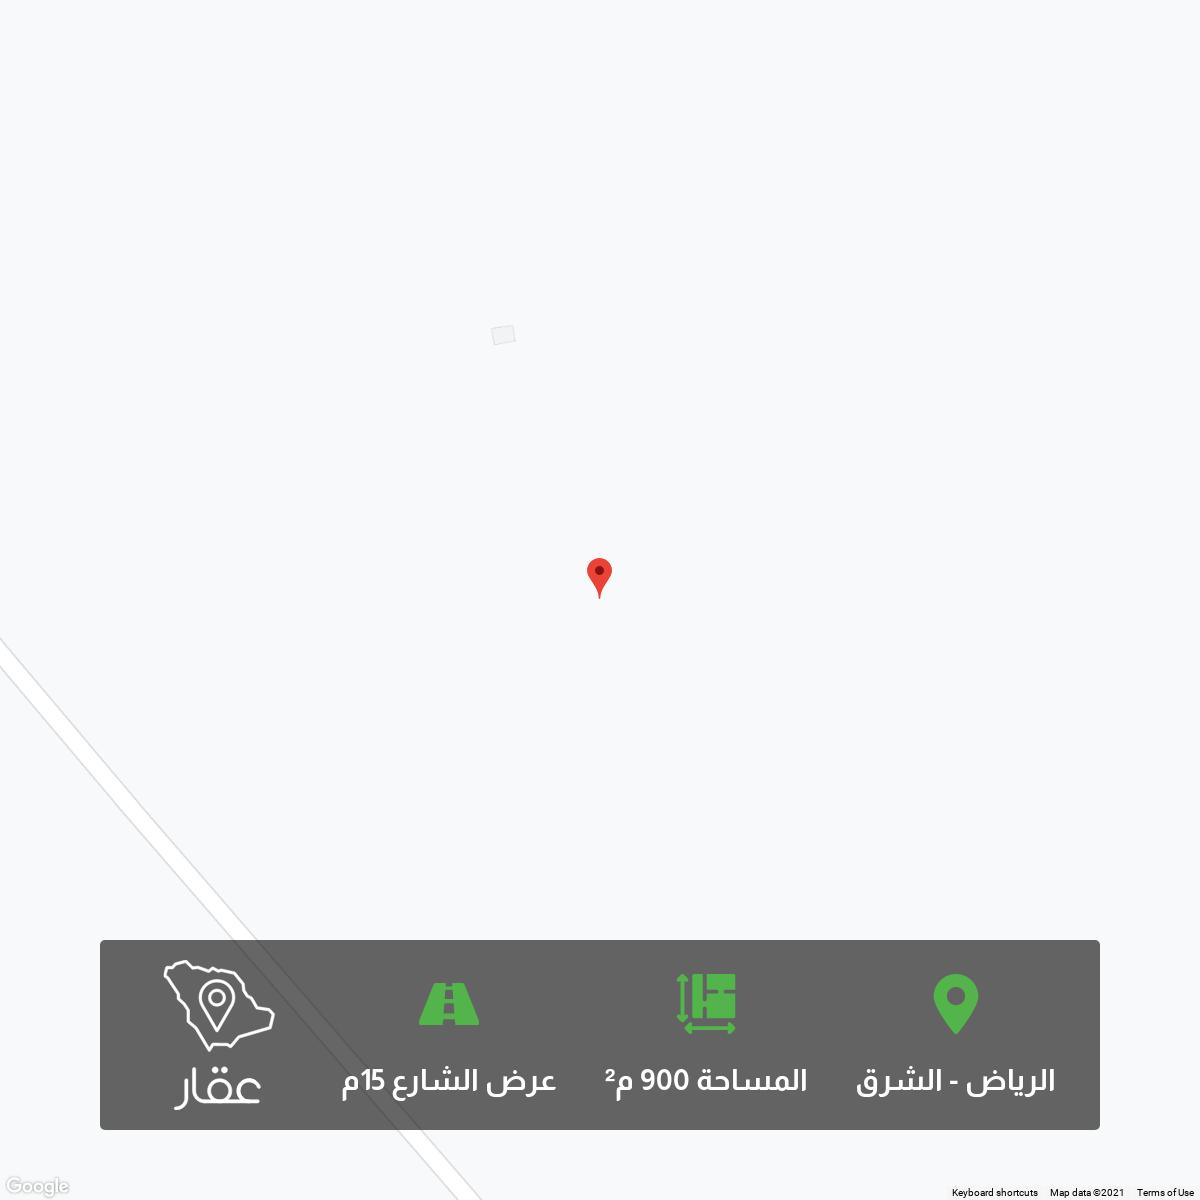 أرض للبيع في شارع الدمام, الرياض